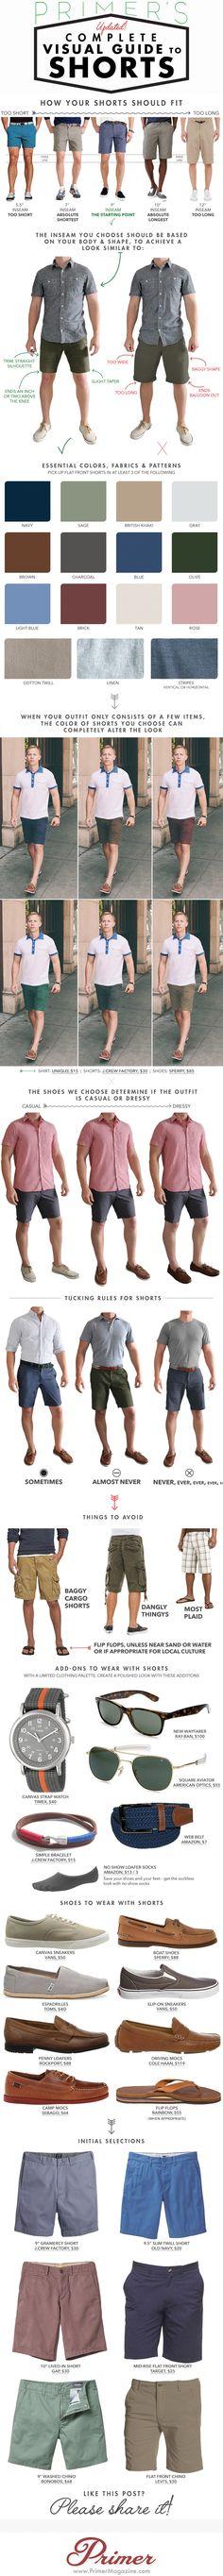 Pantalones cortos para hombre, la guía definitiva.